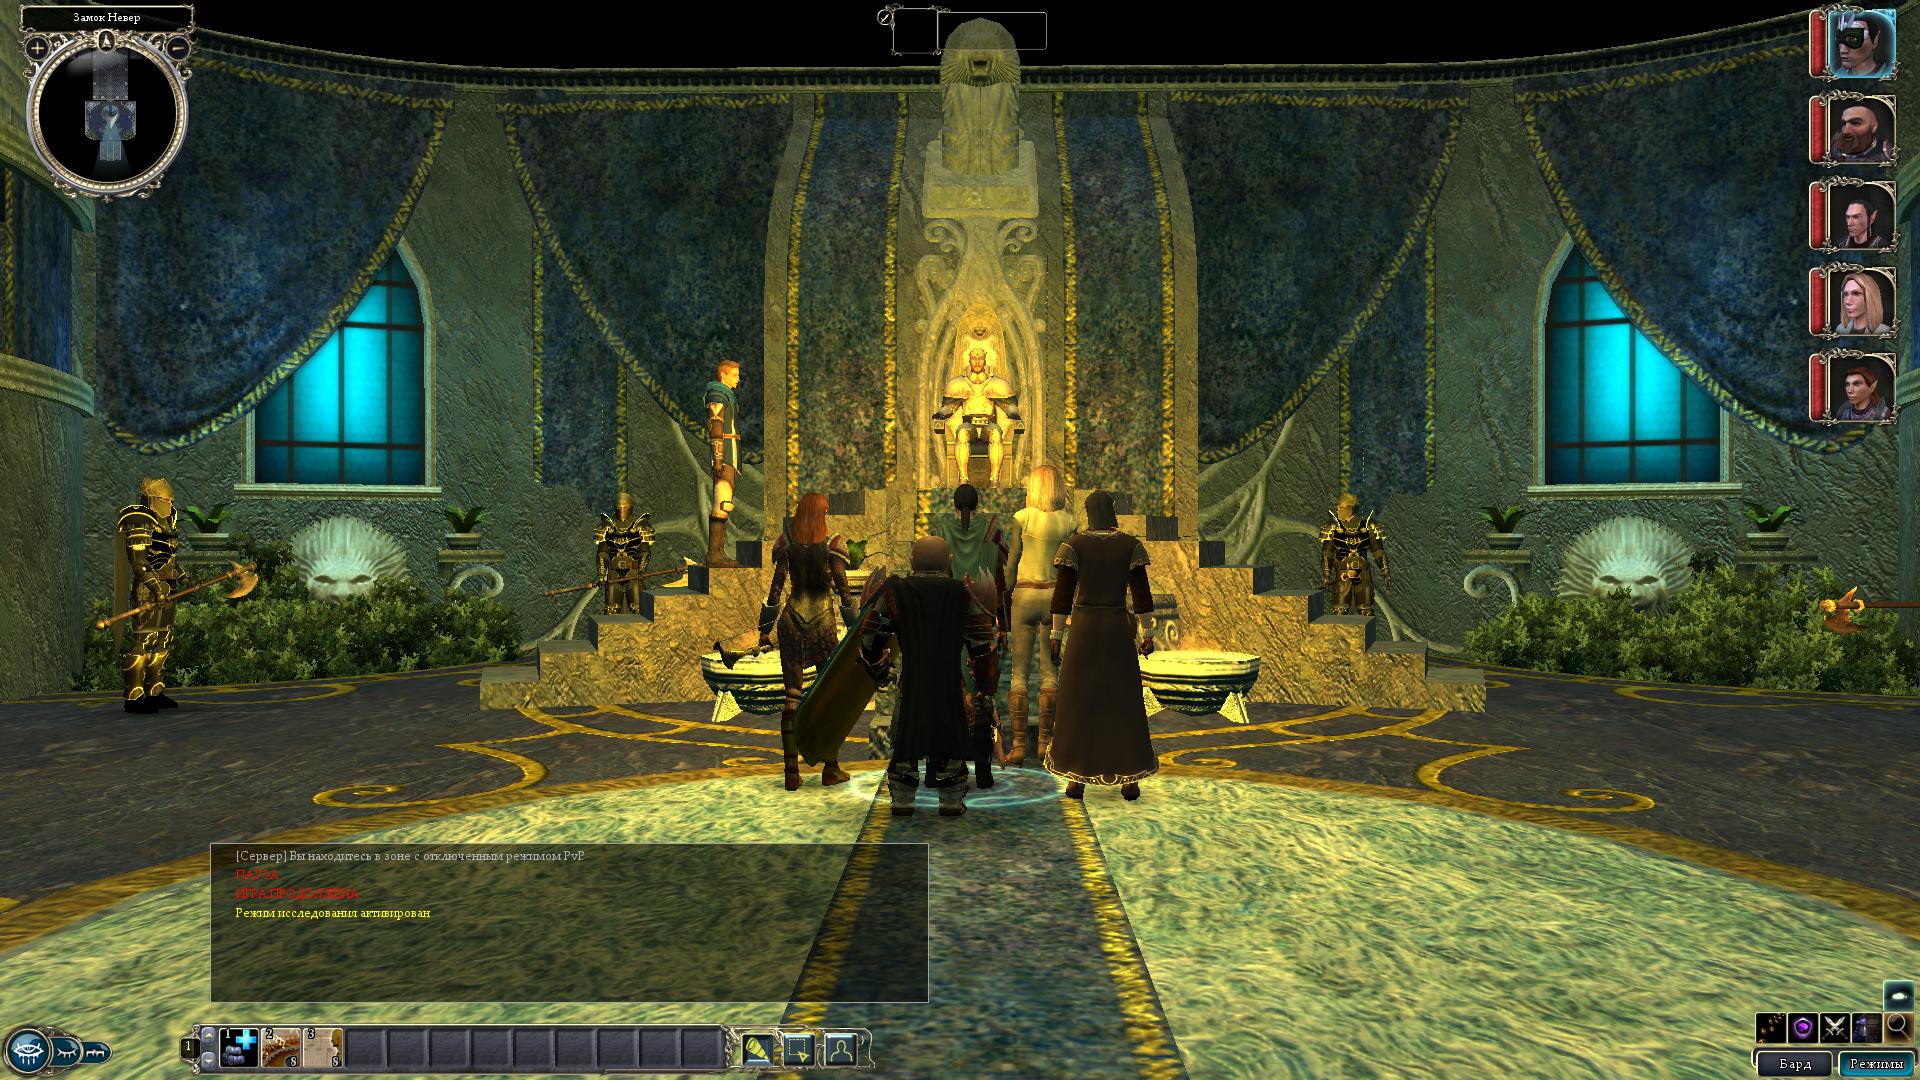 Как бы обзор Neverwinter Nights 2 (оригинальной кампании) - Основная часть. - Изображение 9